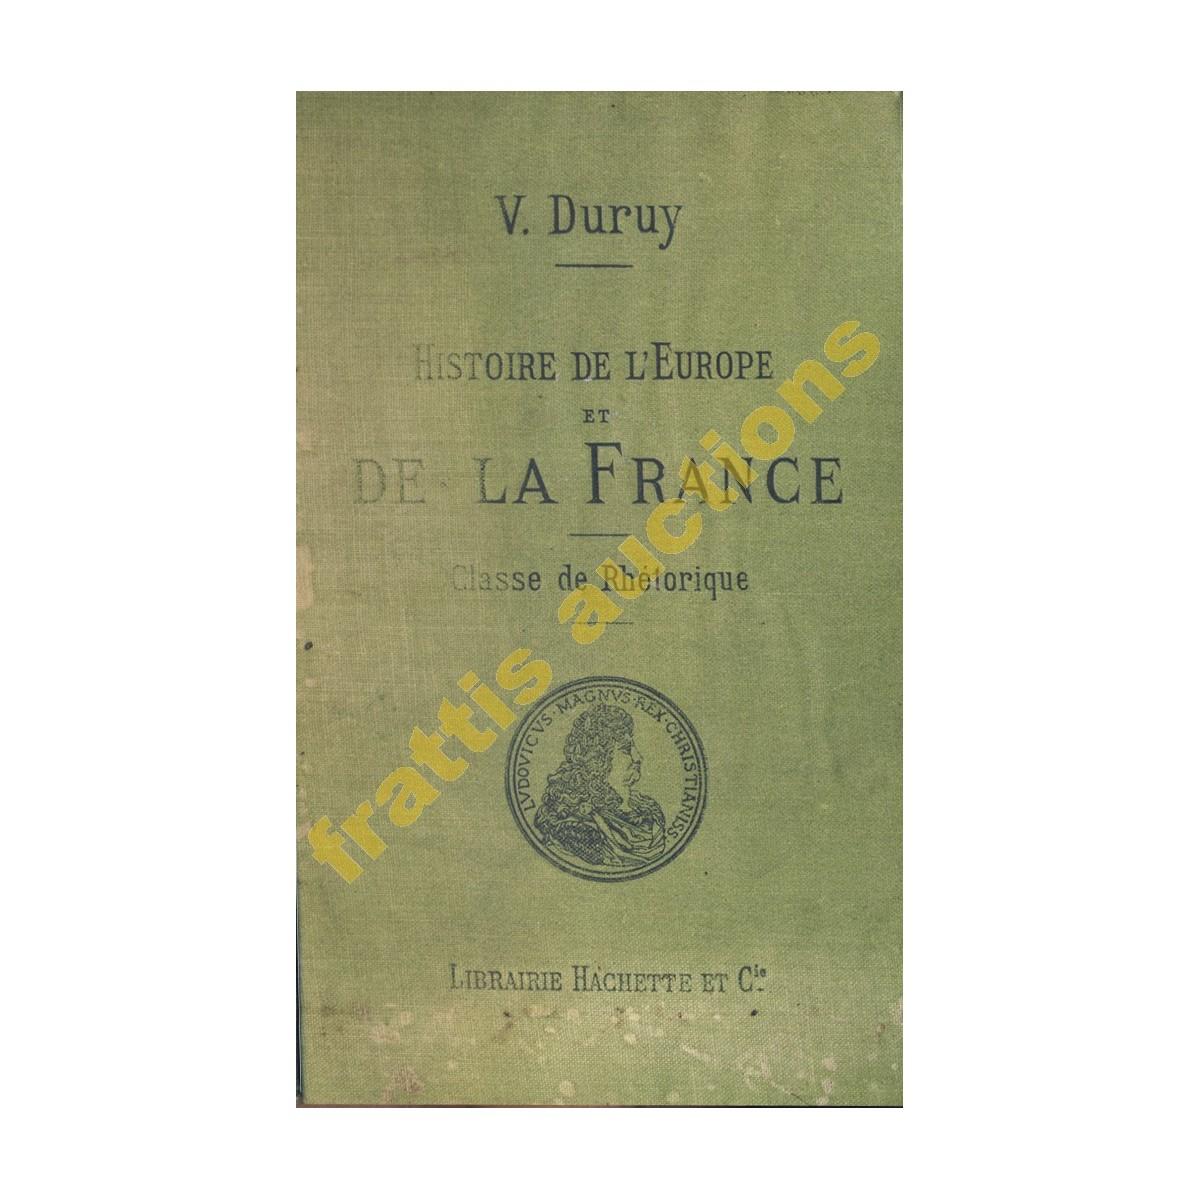 Histoire de L'Europe et de la France, V.Duruy,1980.